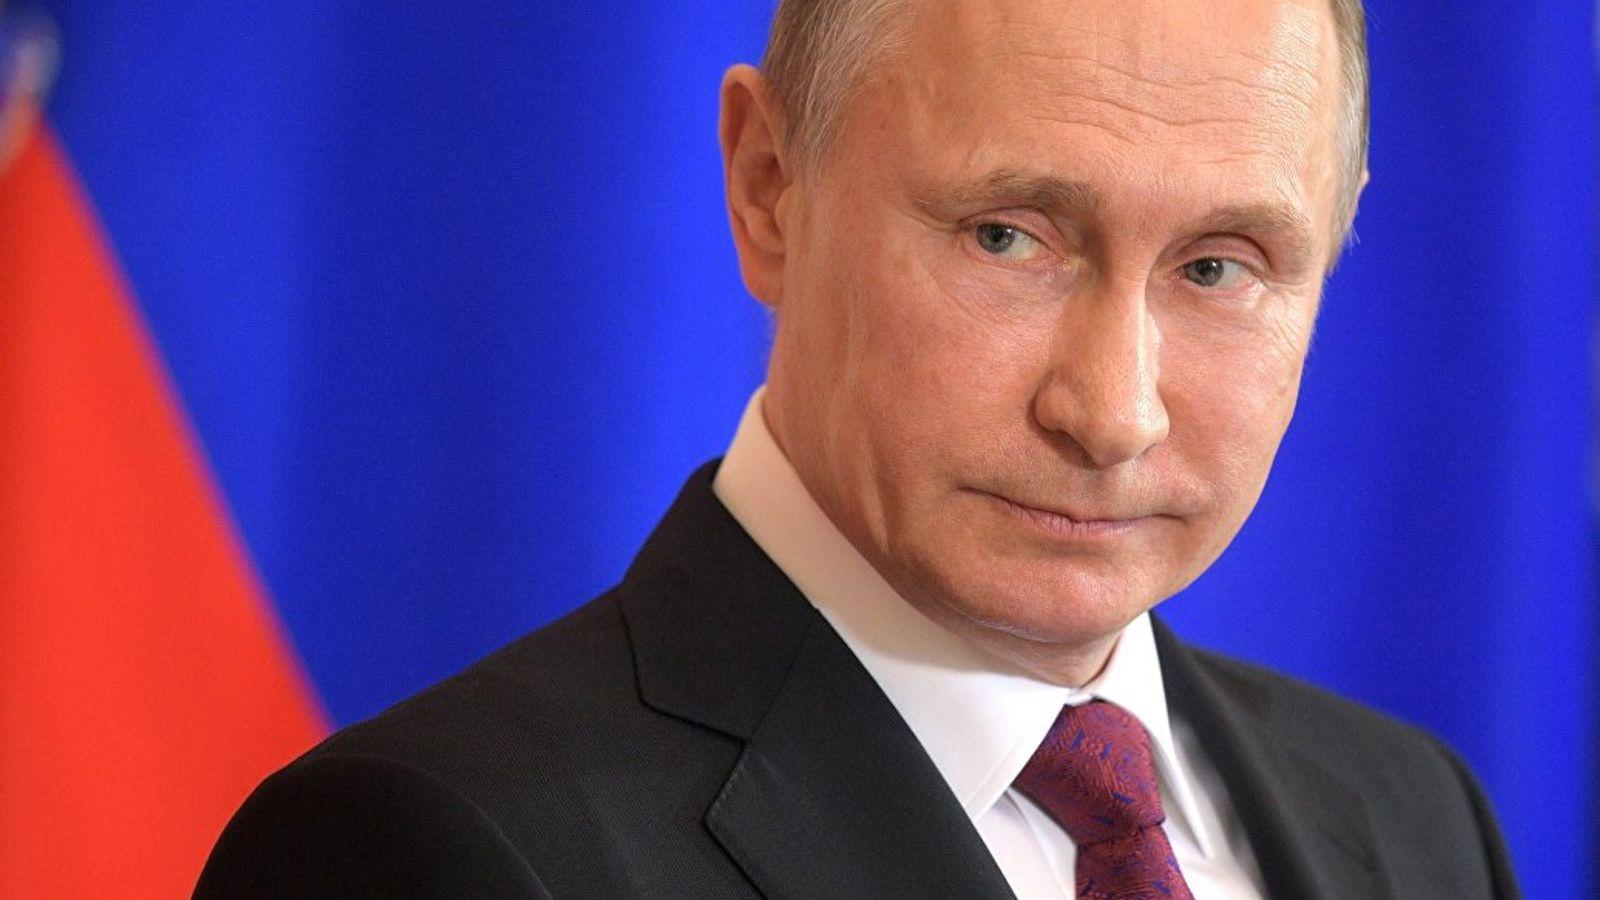 Президент России подписал закон о лицах, контролирующих финансовые организации